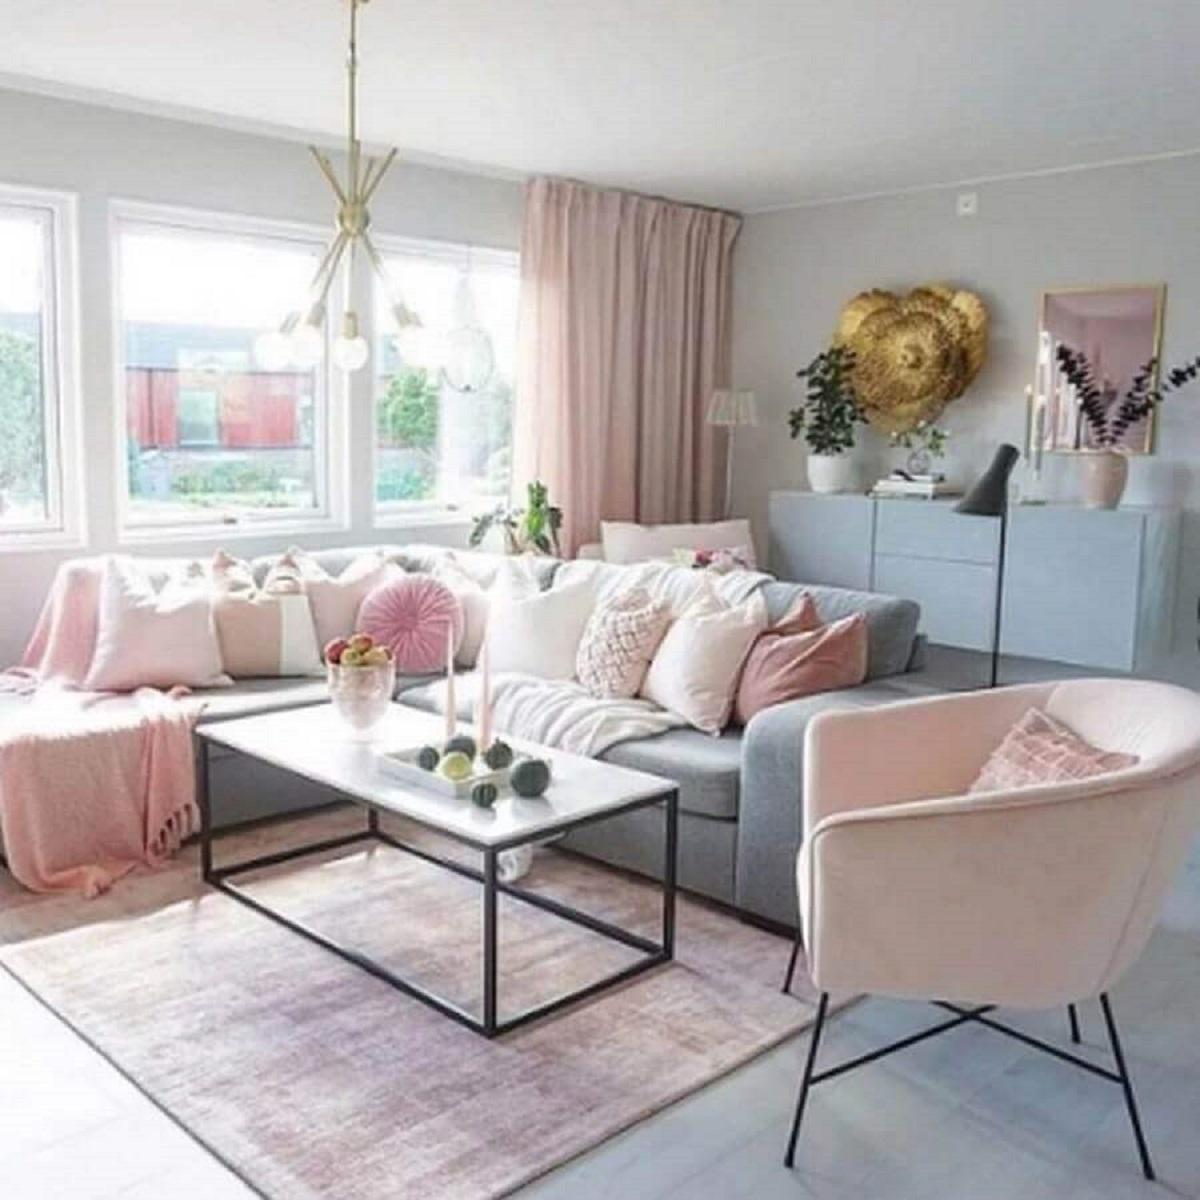 paleta candy colors para sala de estar ampla em azul e rosa Foto Sabrina Ryden